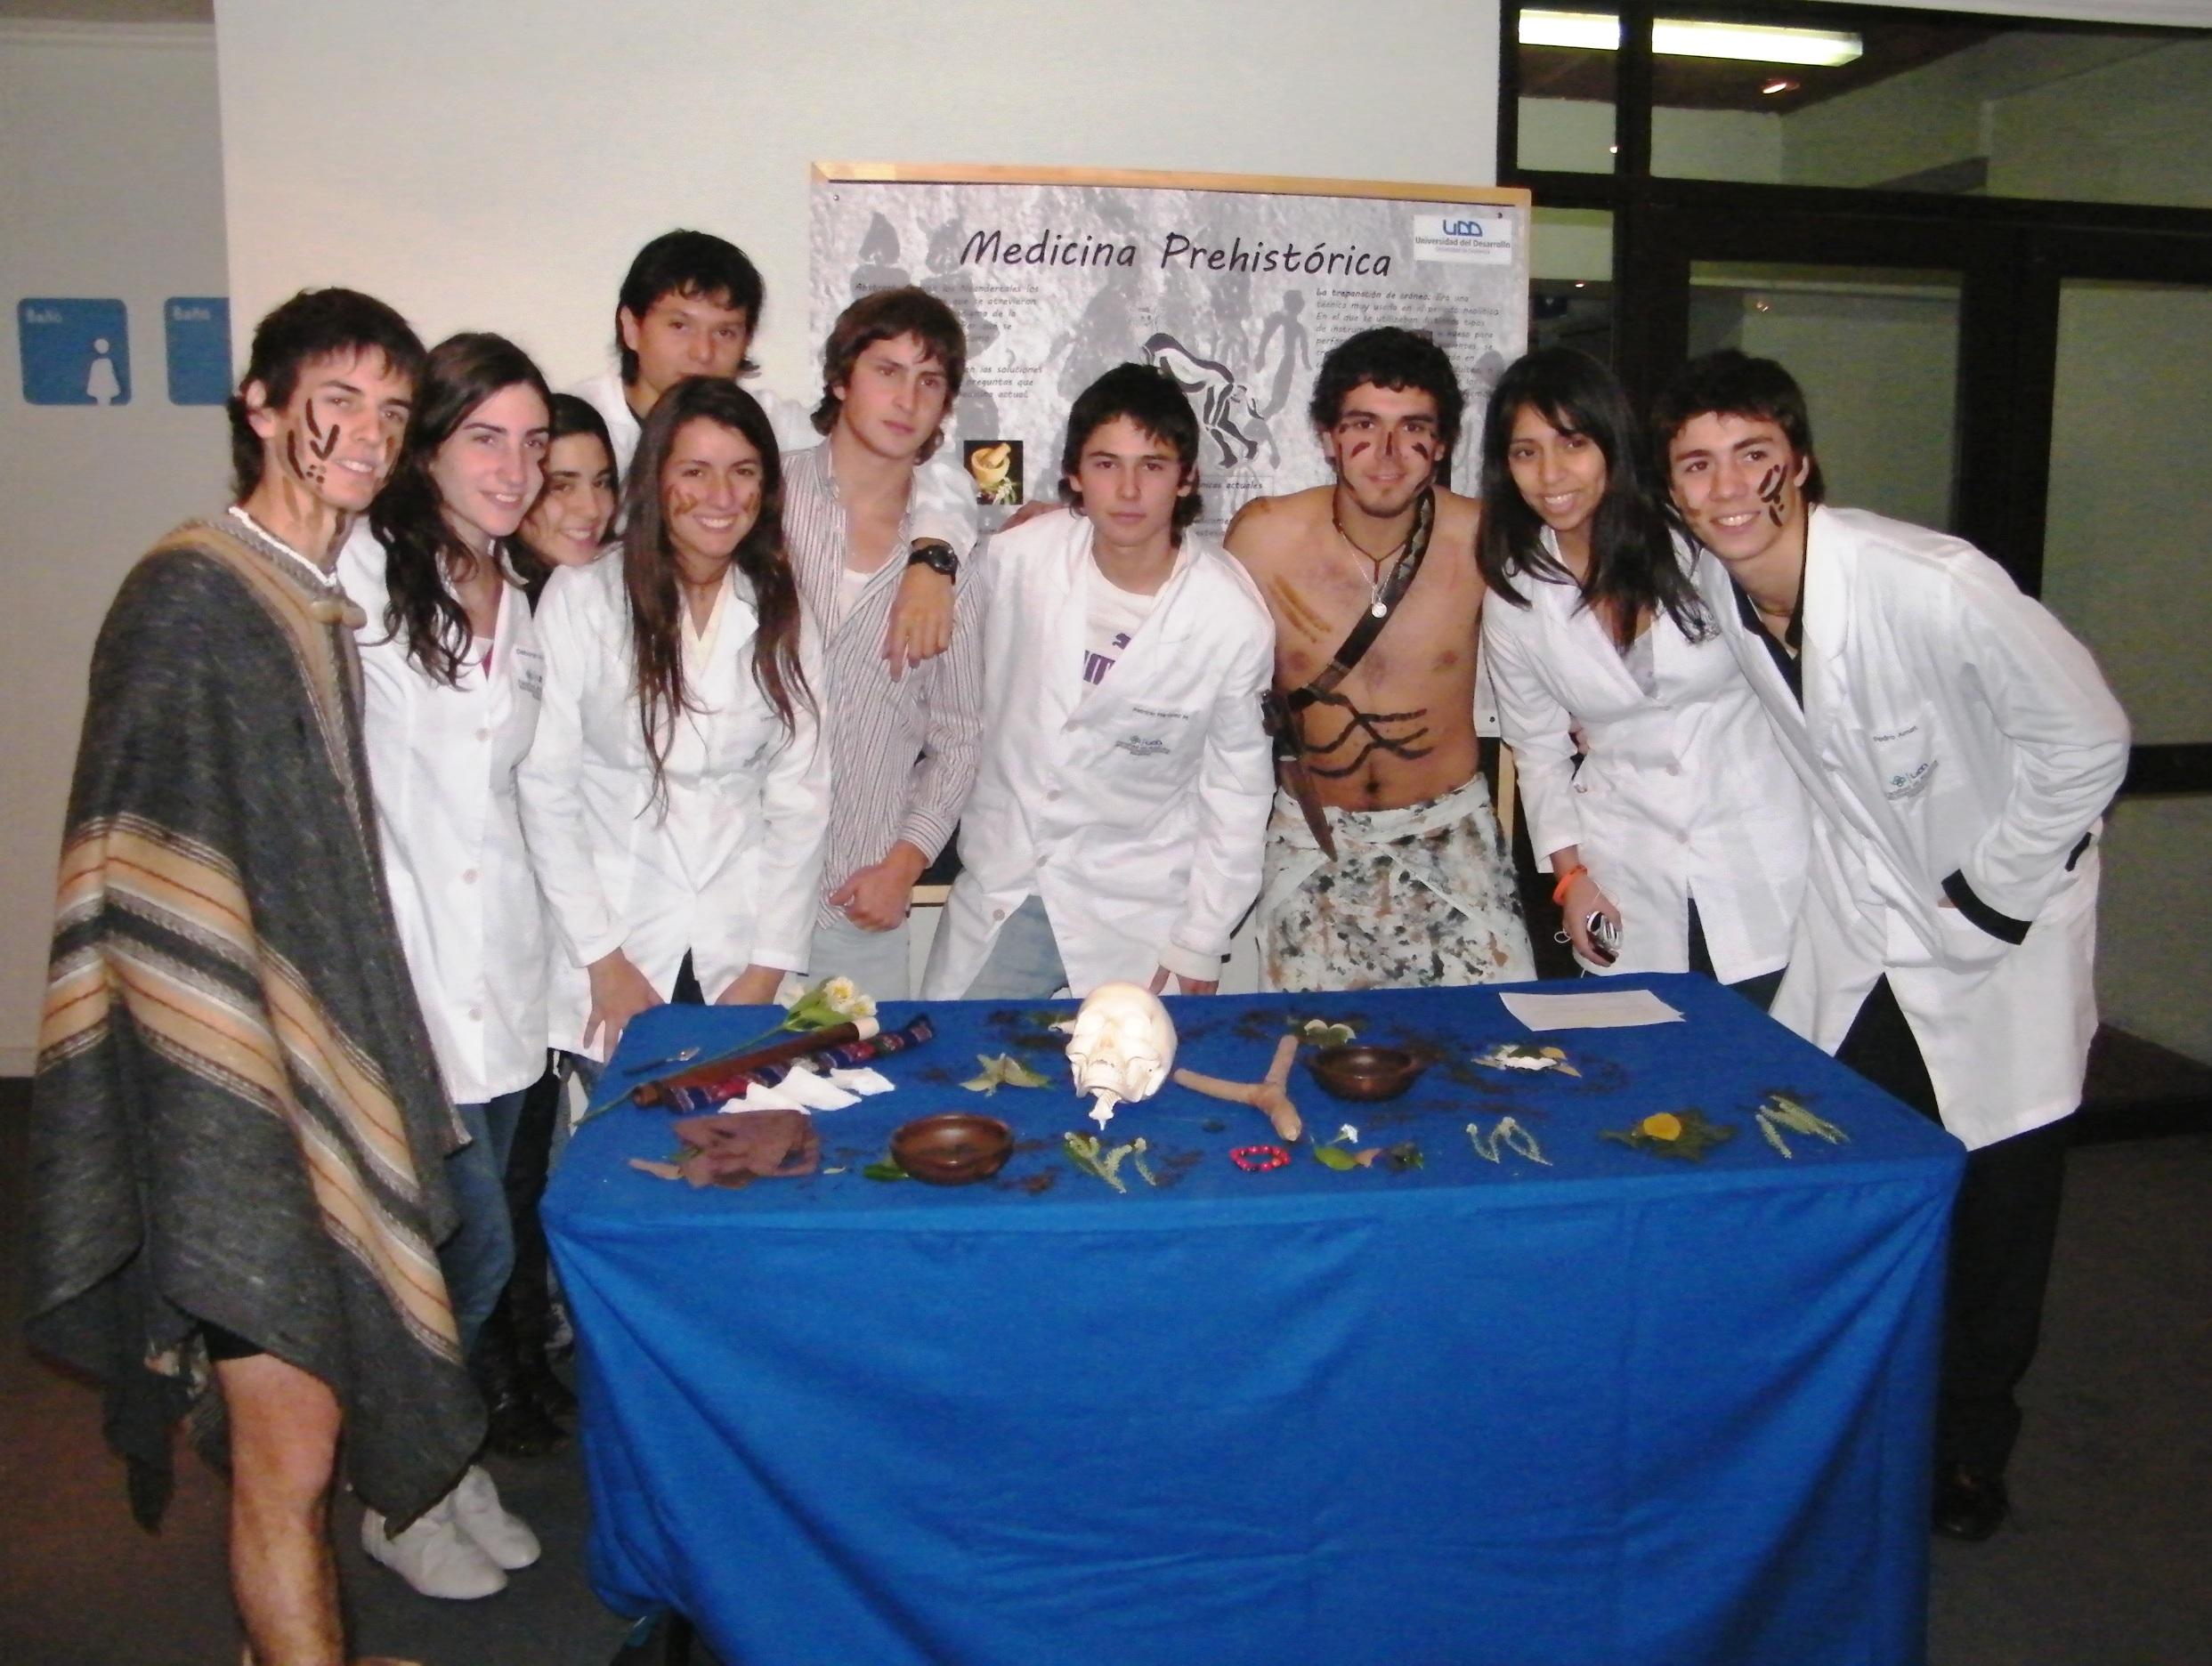 Universitaria de medicina se graba desnuda - 1 10